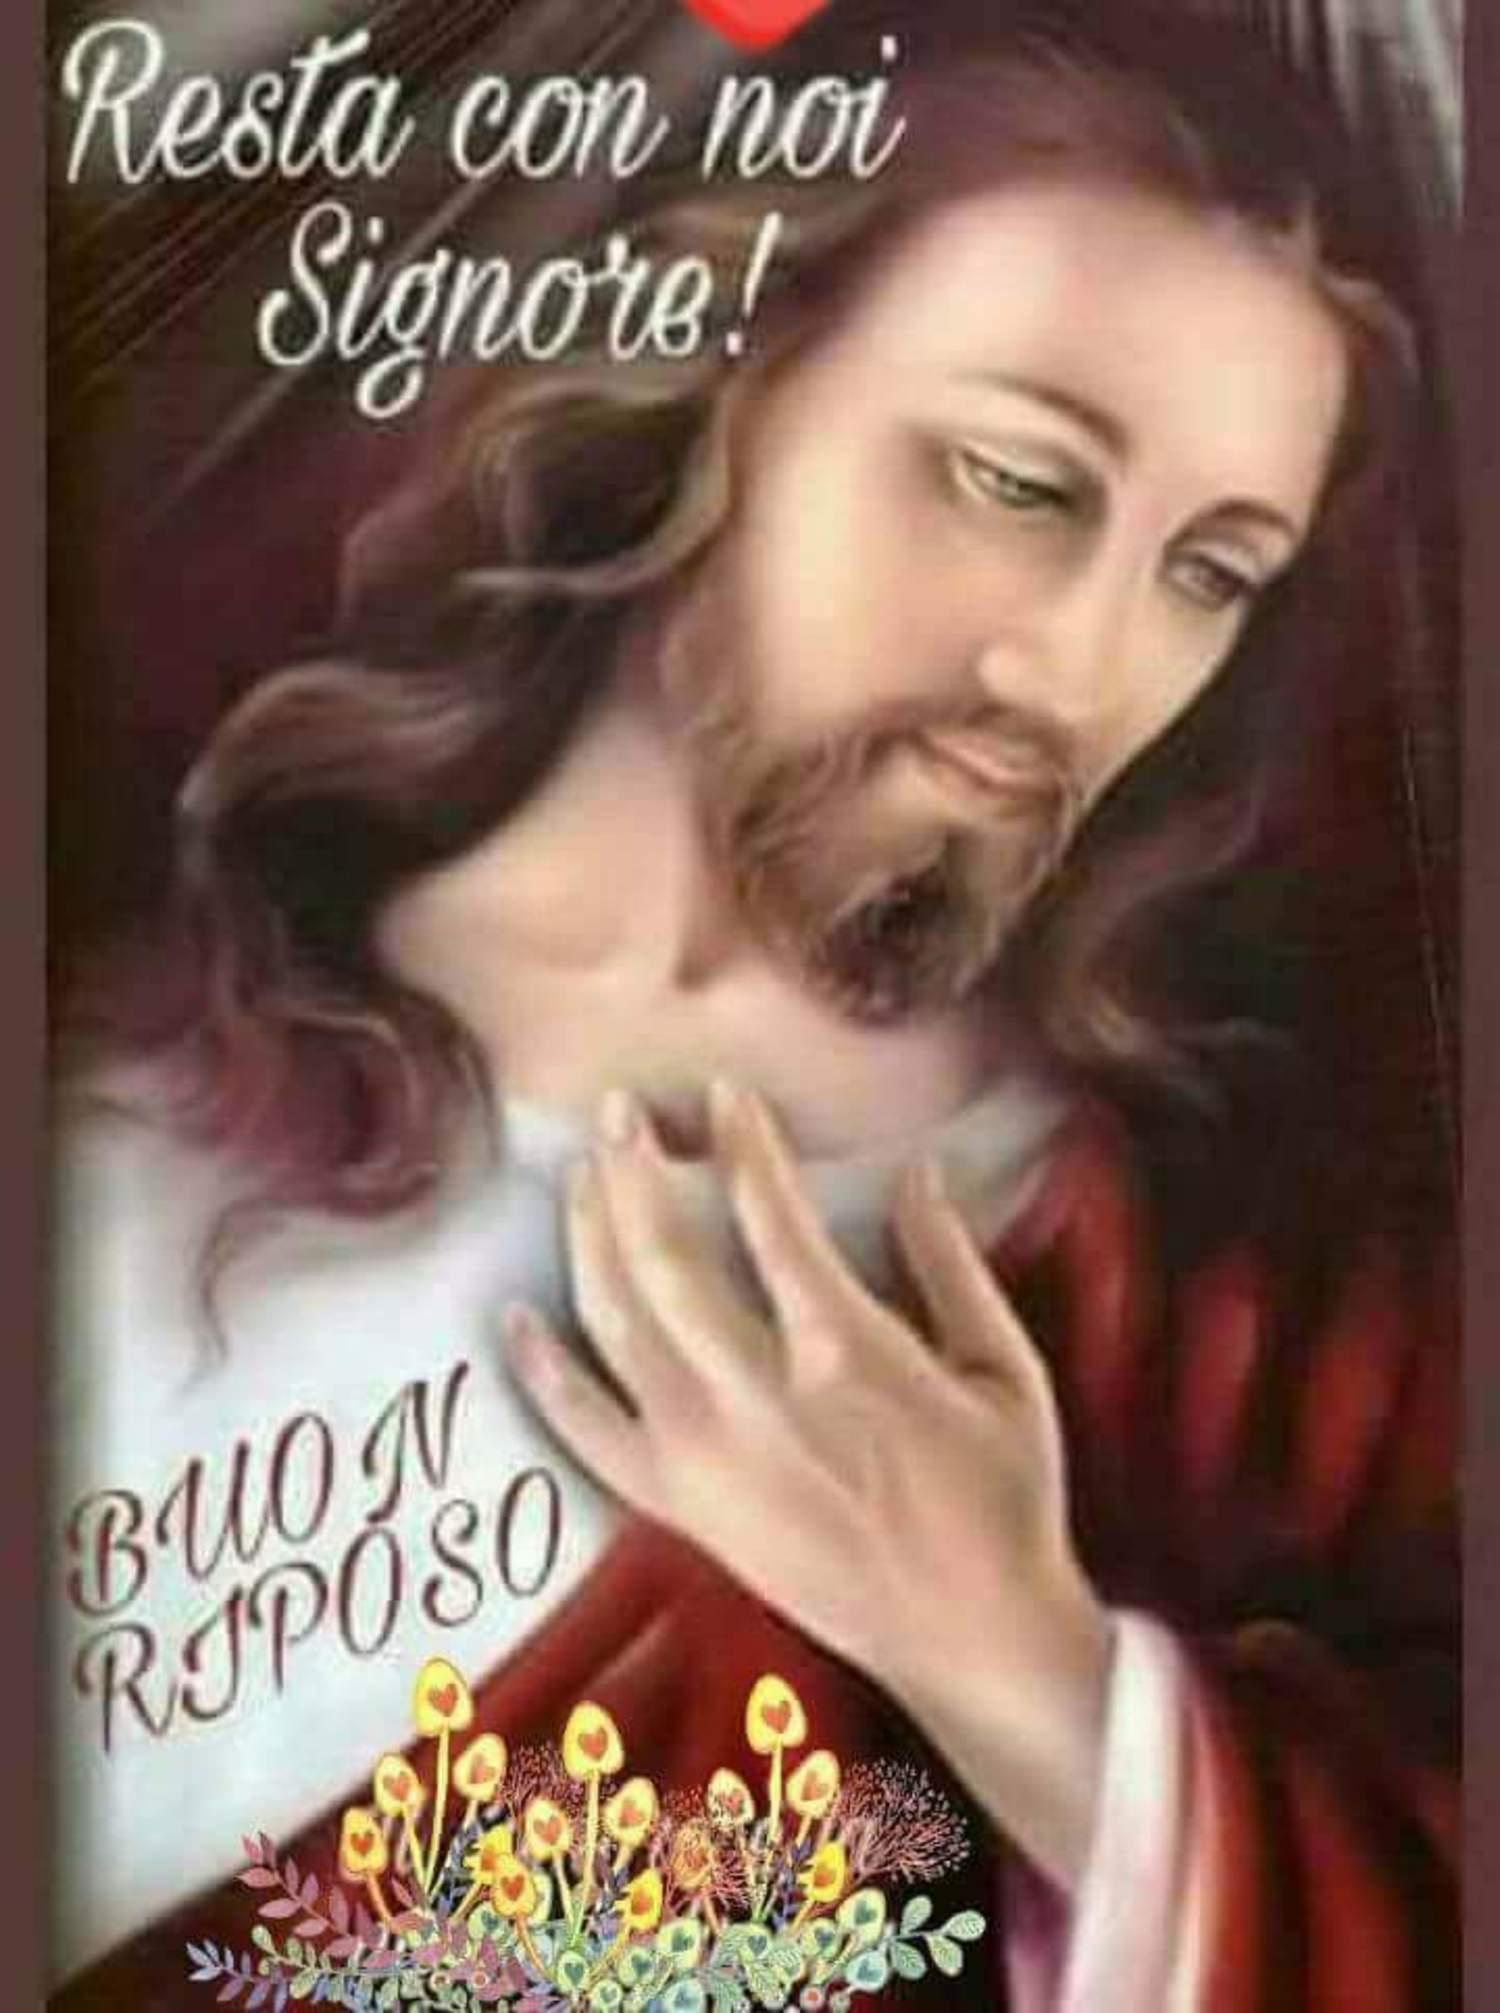 Buonanotte immagini religiose 5952